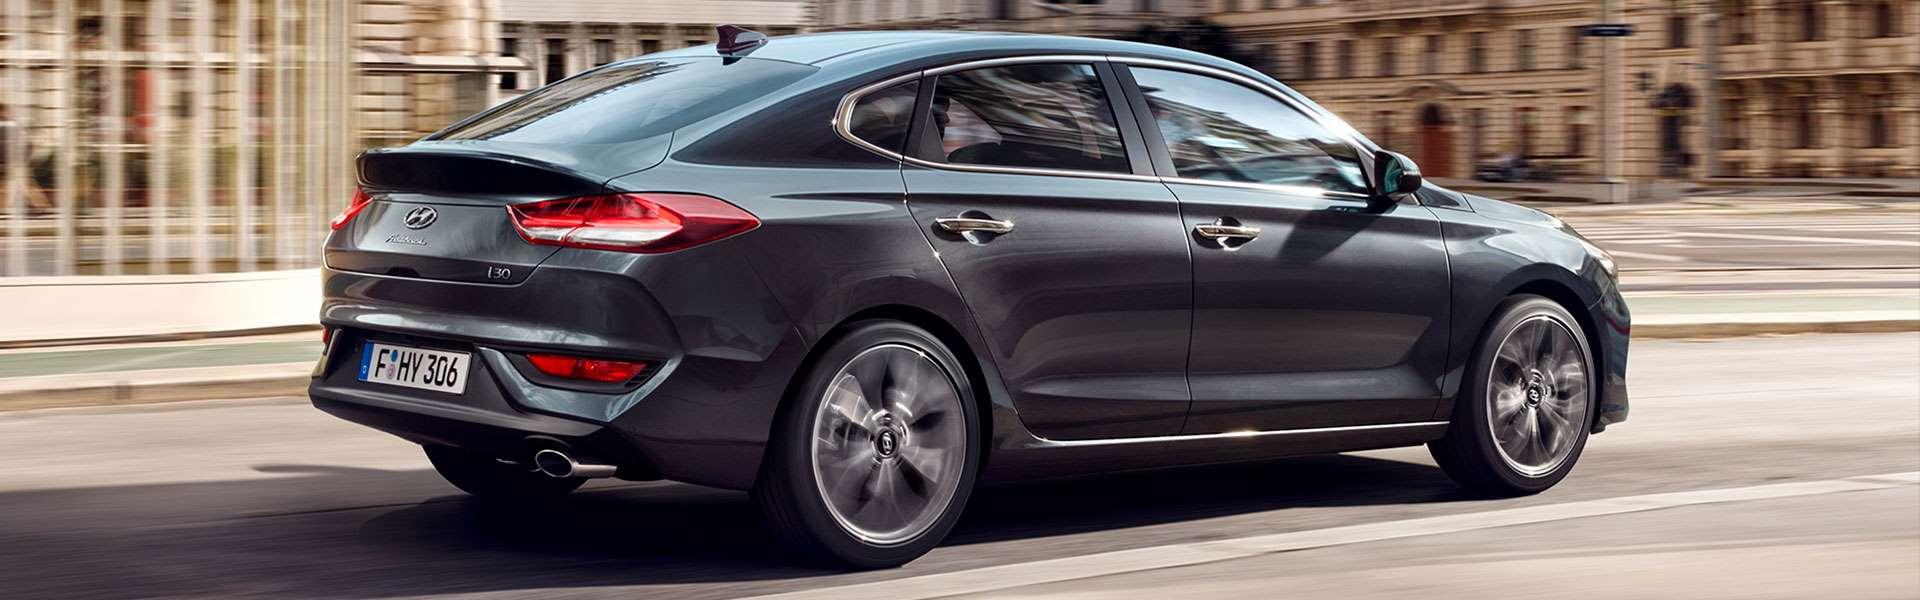 Hyundai i30 Fastback - обзор